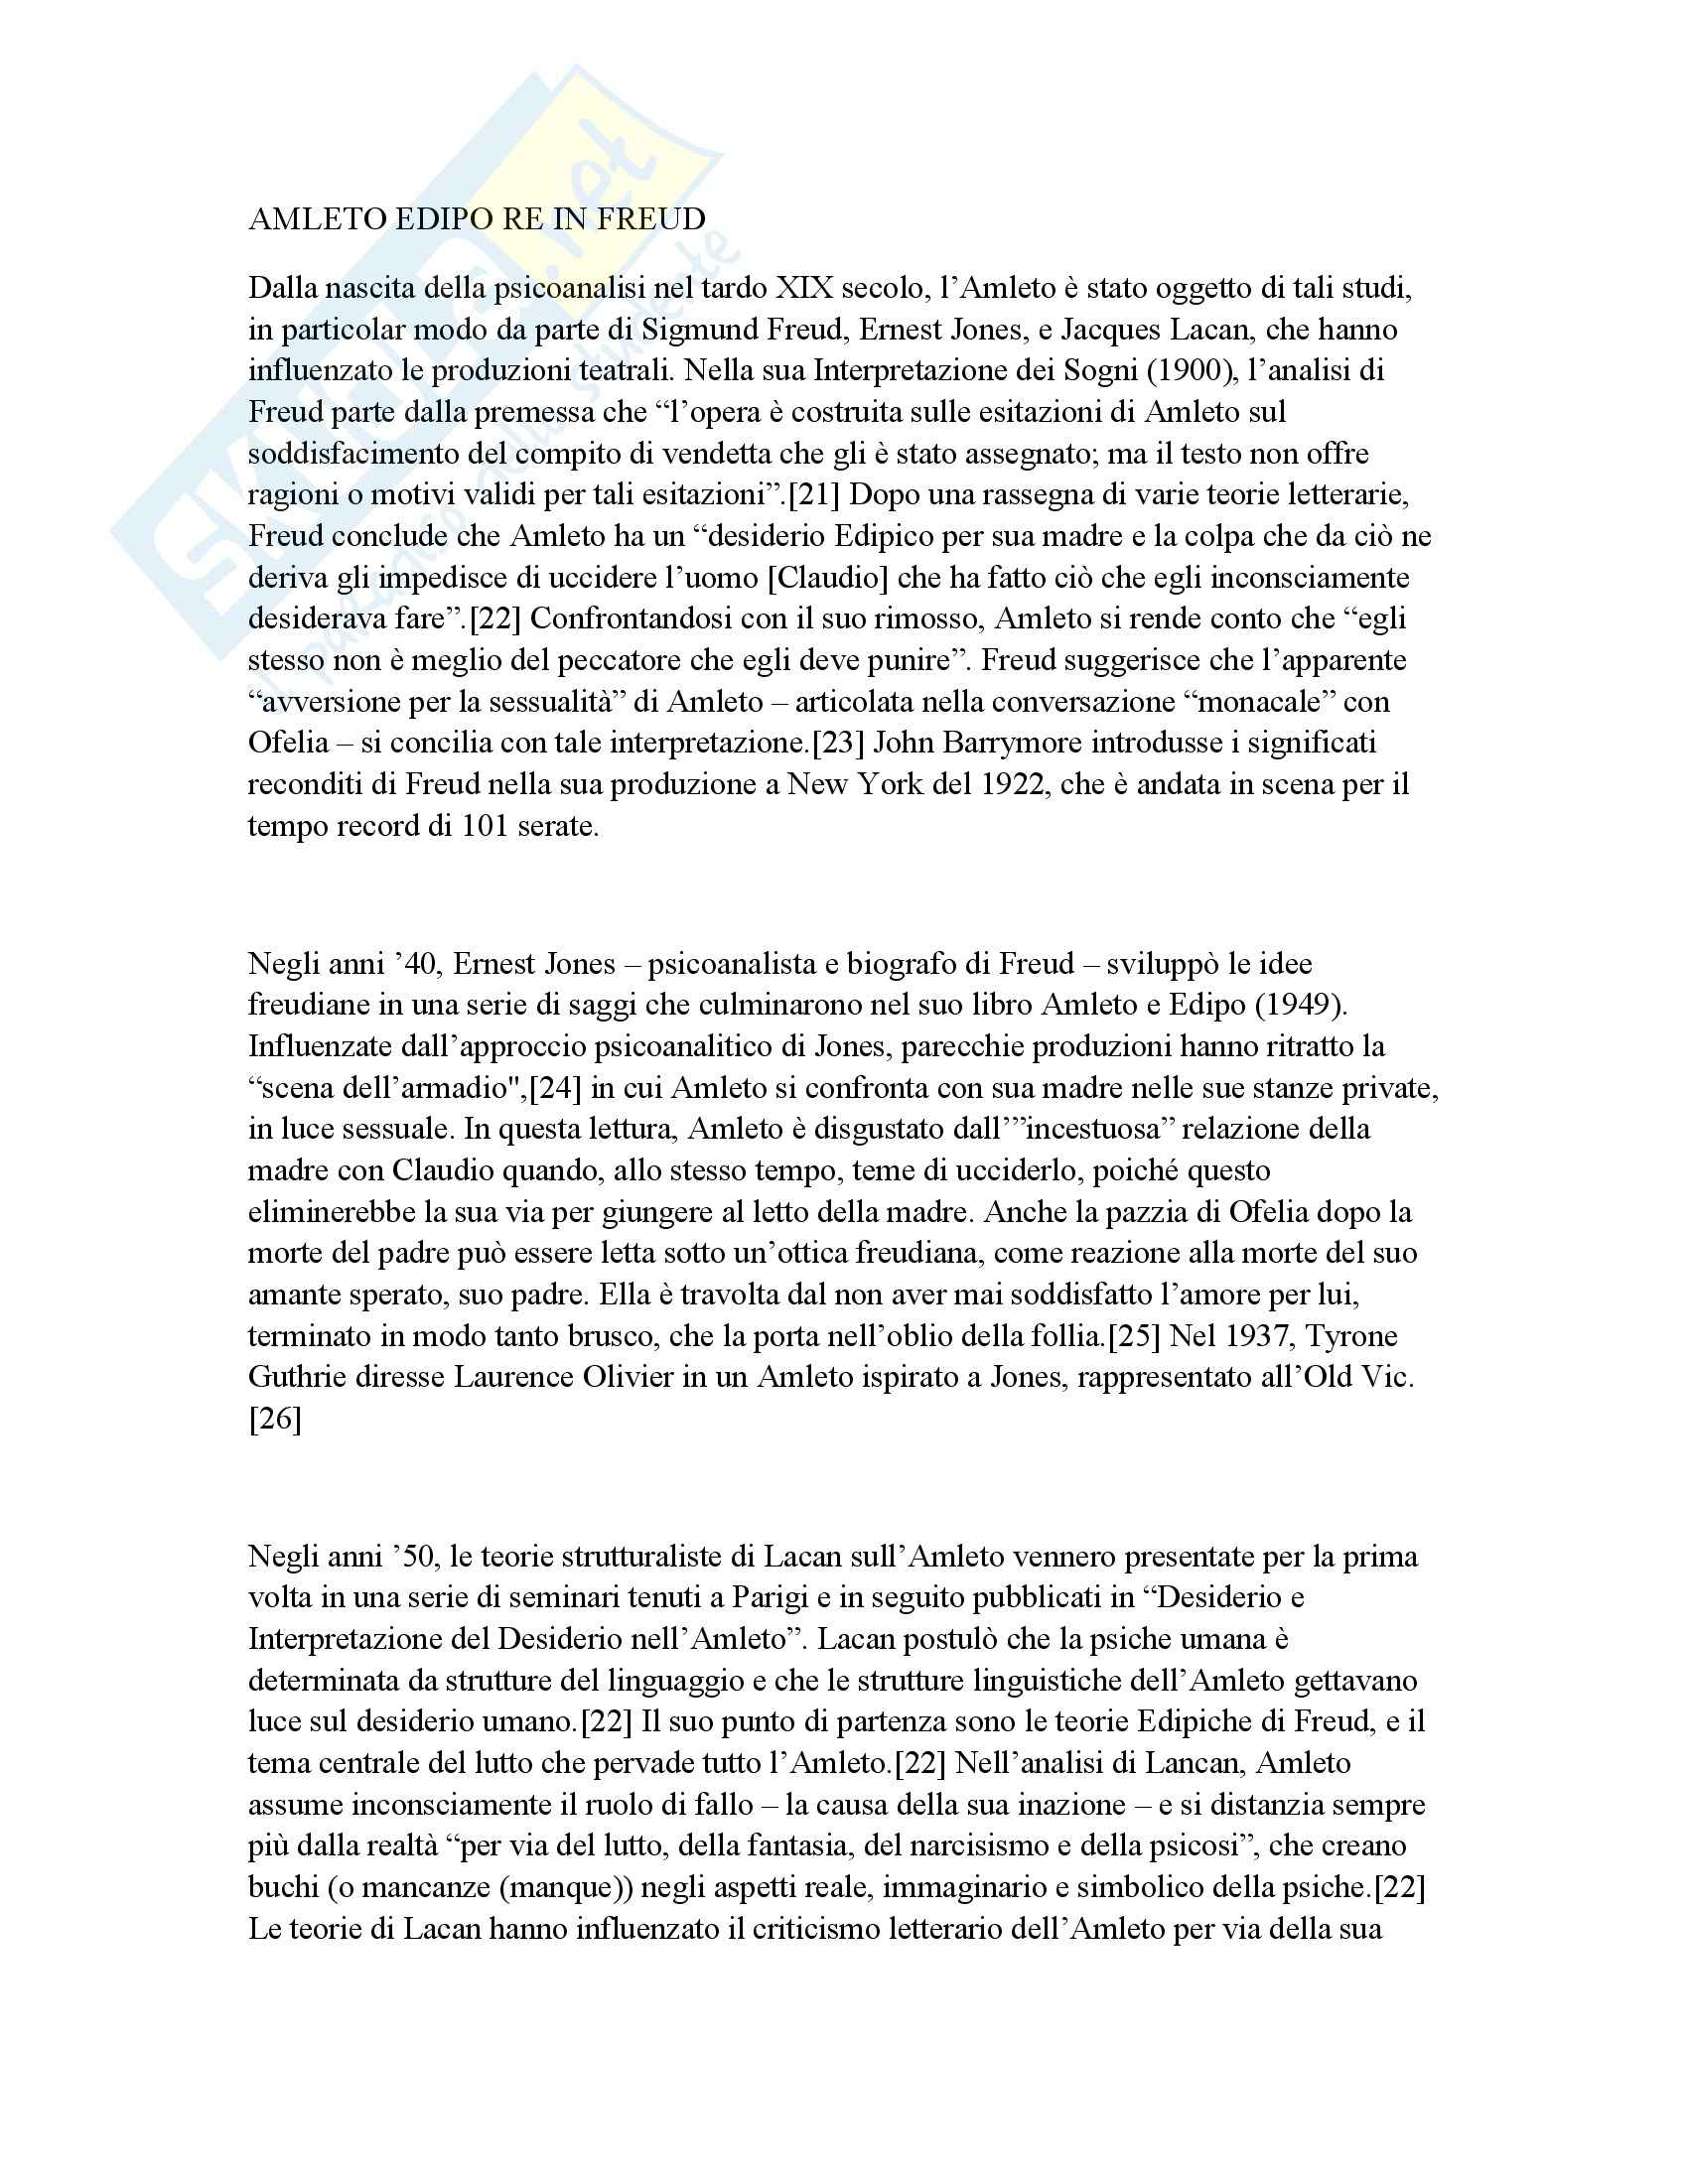 Psicologia clinica - Amleto e Freud - Appunti